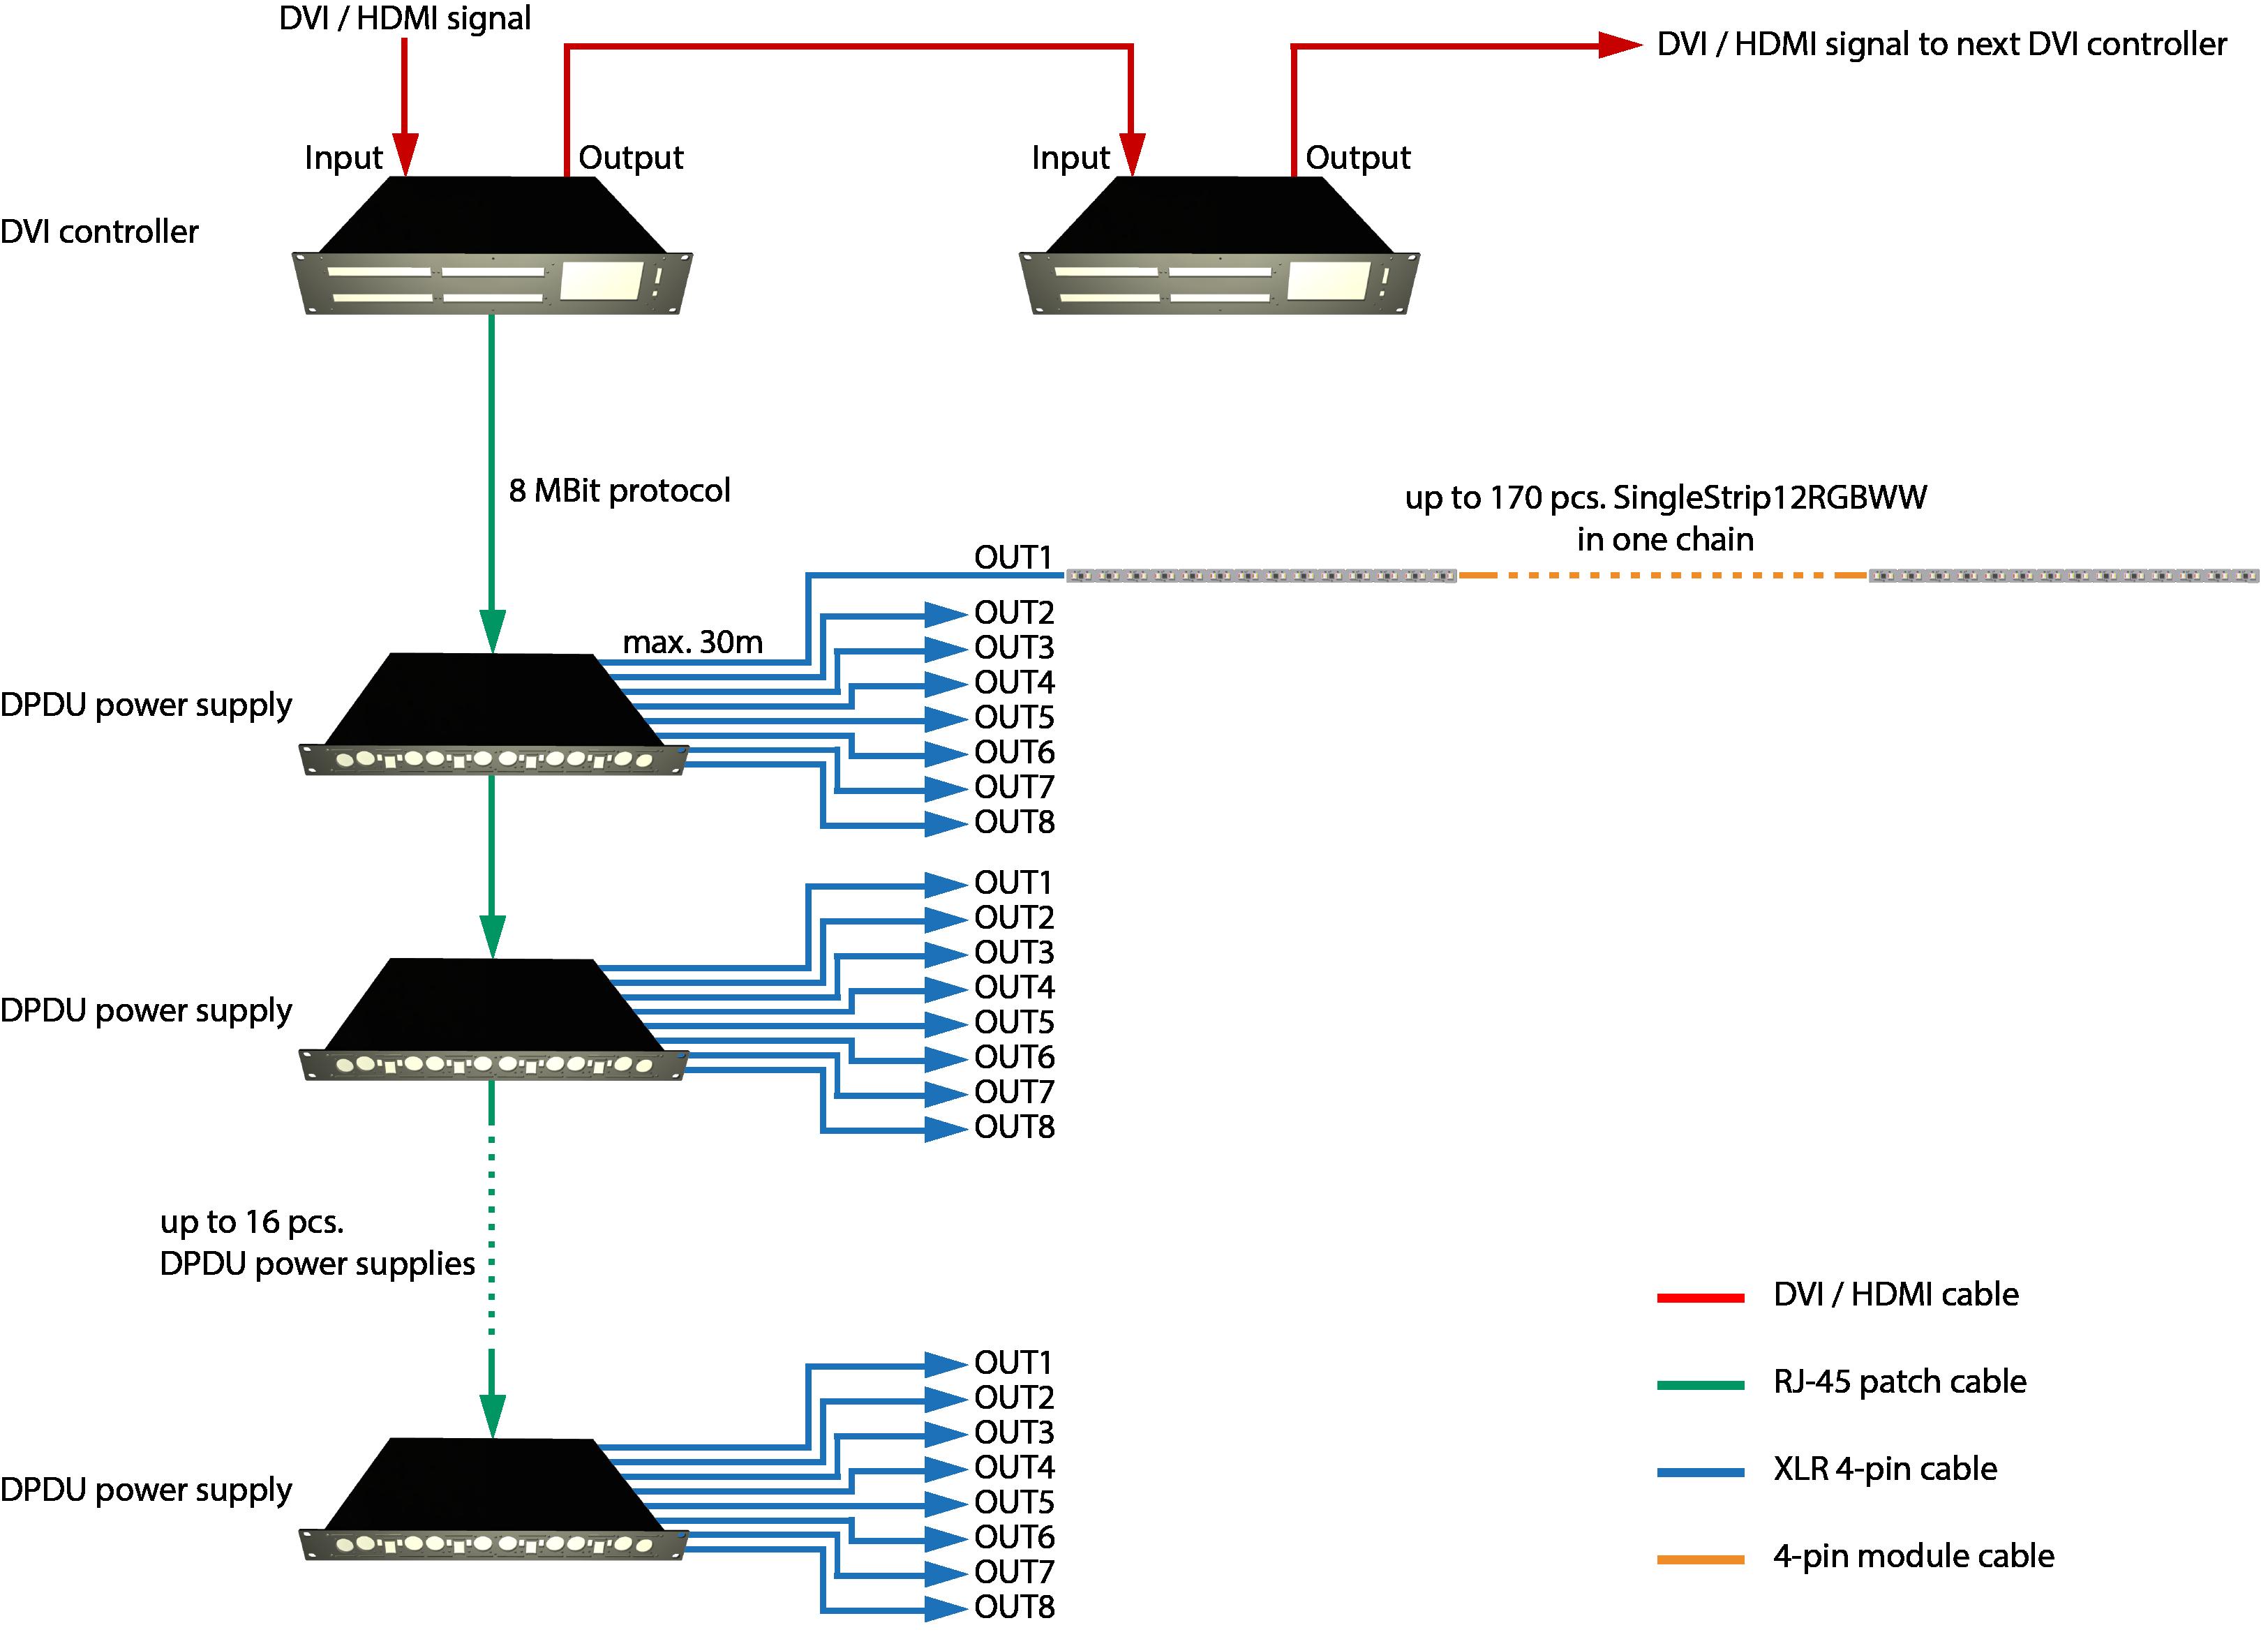 Systemdiagramm einer typischen SingleStrip12RGBWW™ LED-Videoinstallation